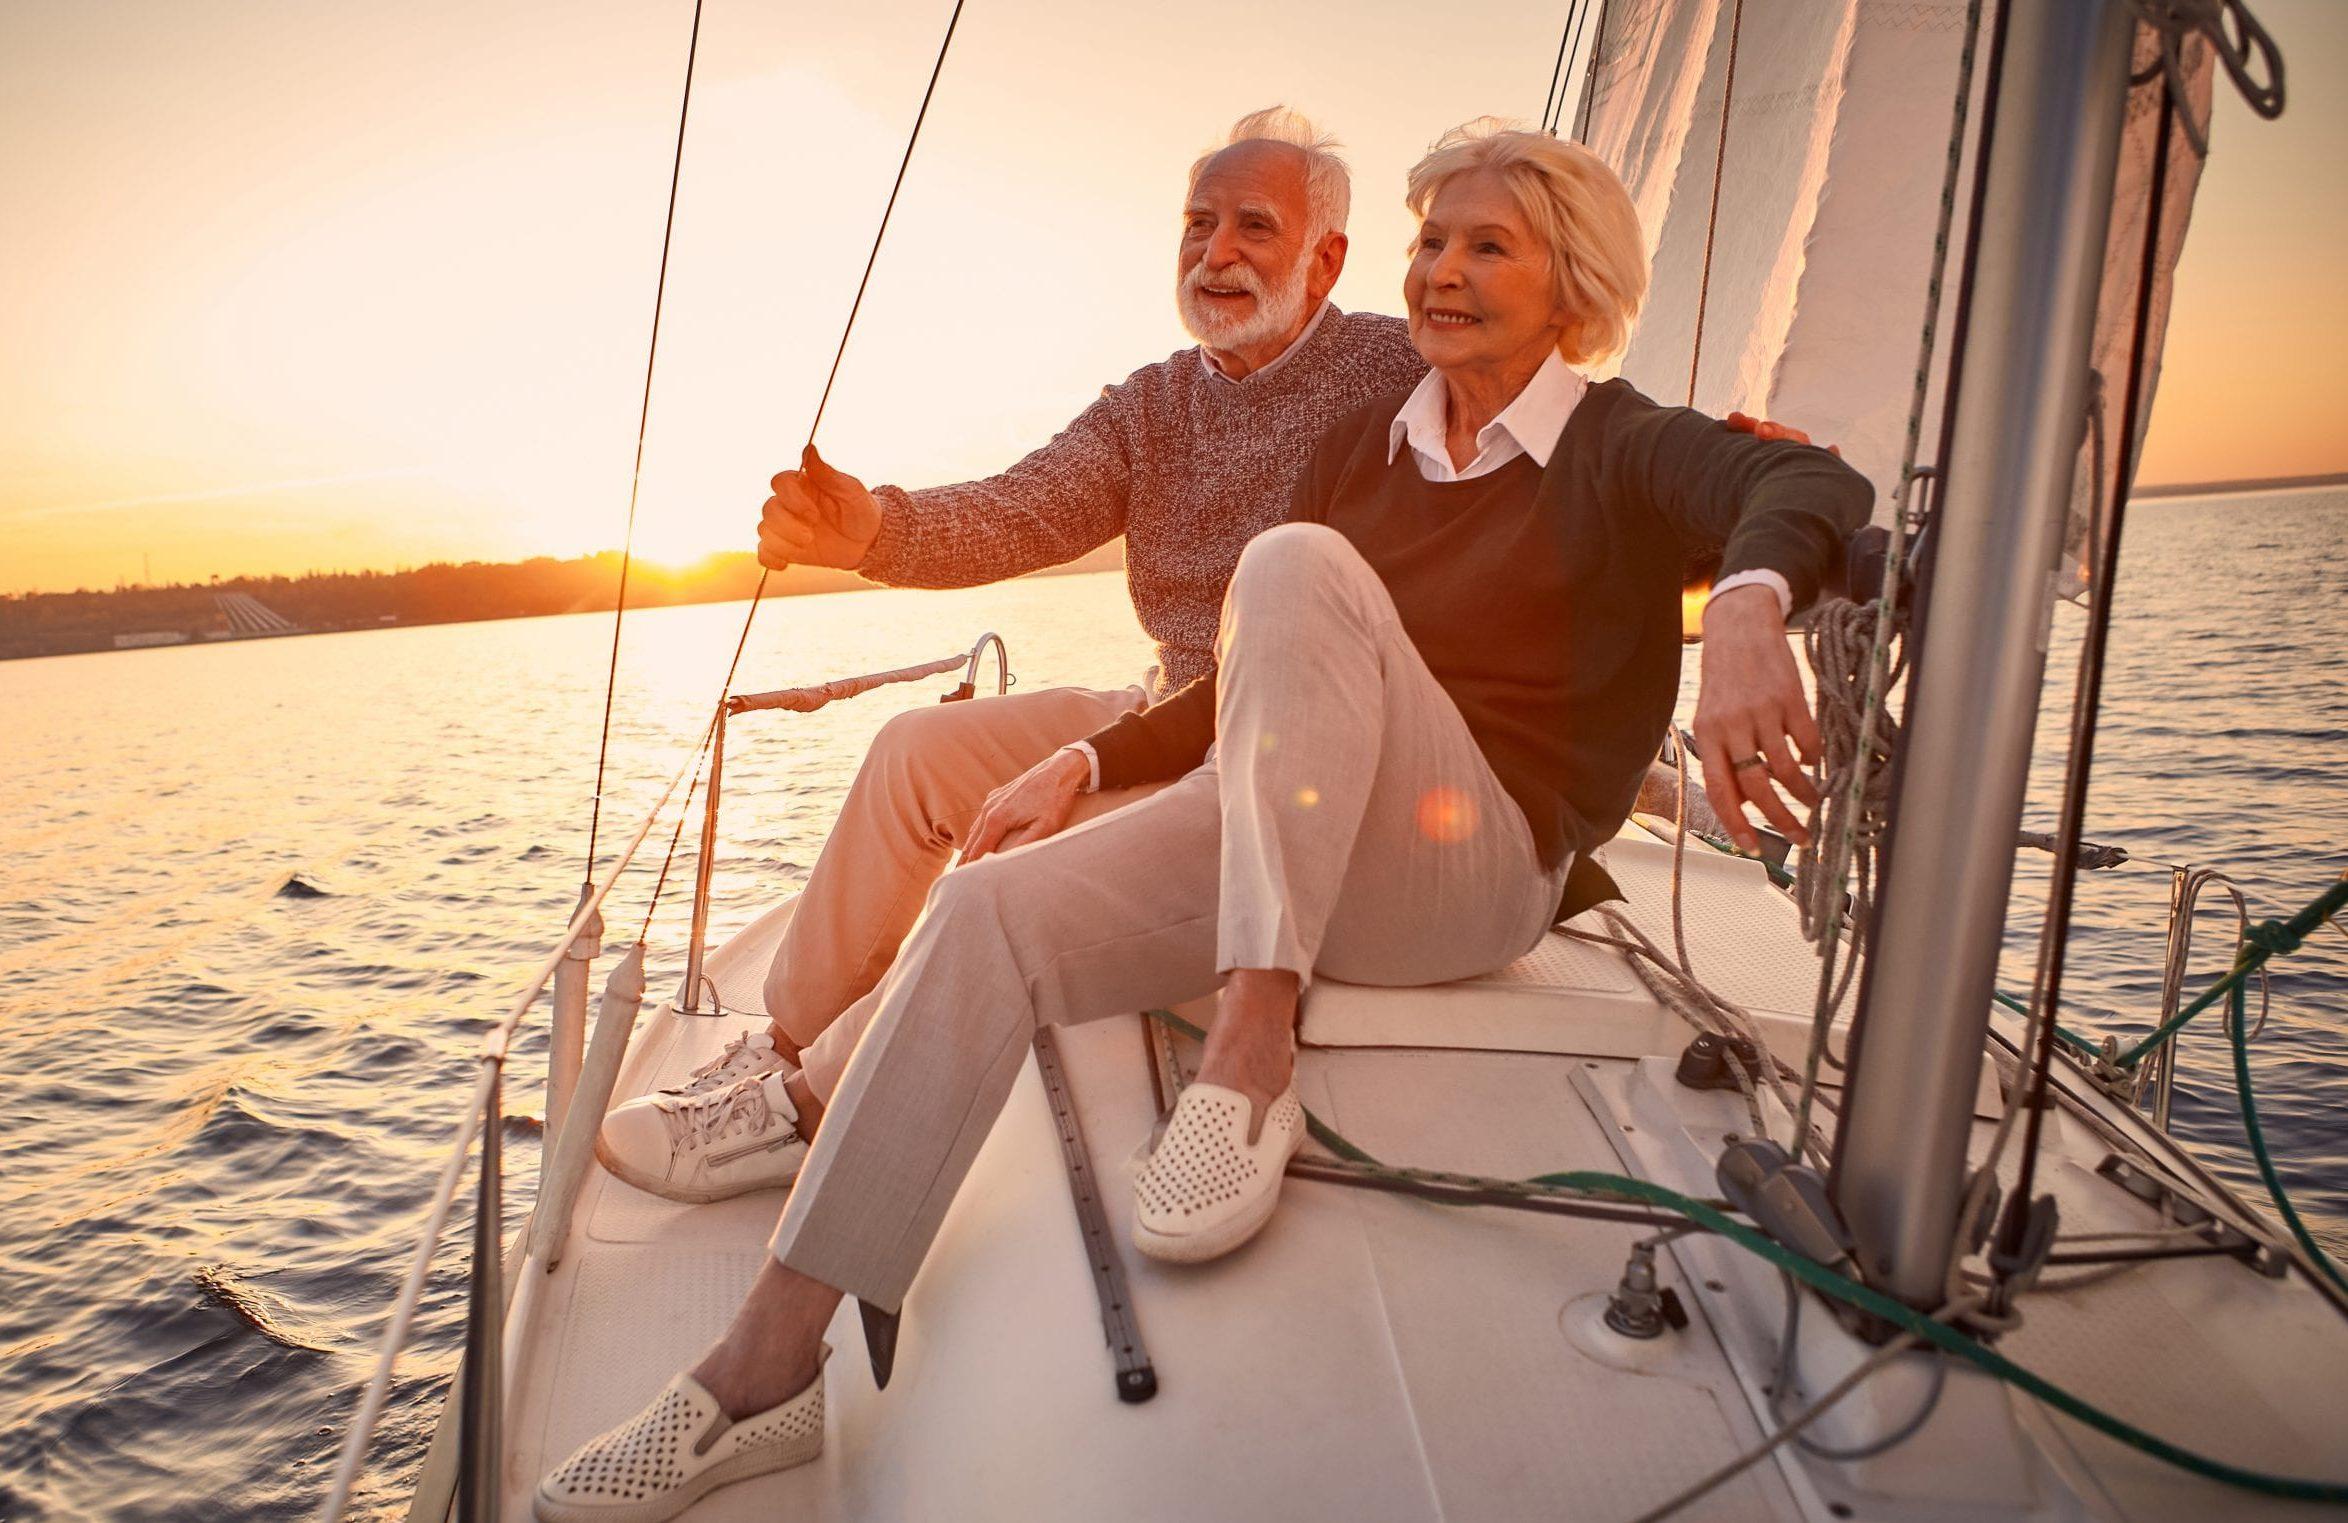 Glückliches Senioren-Ehepaar verliebt auf einem Segelboot.